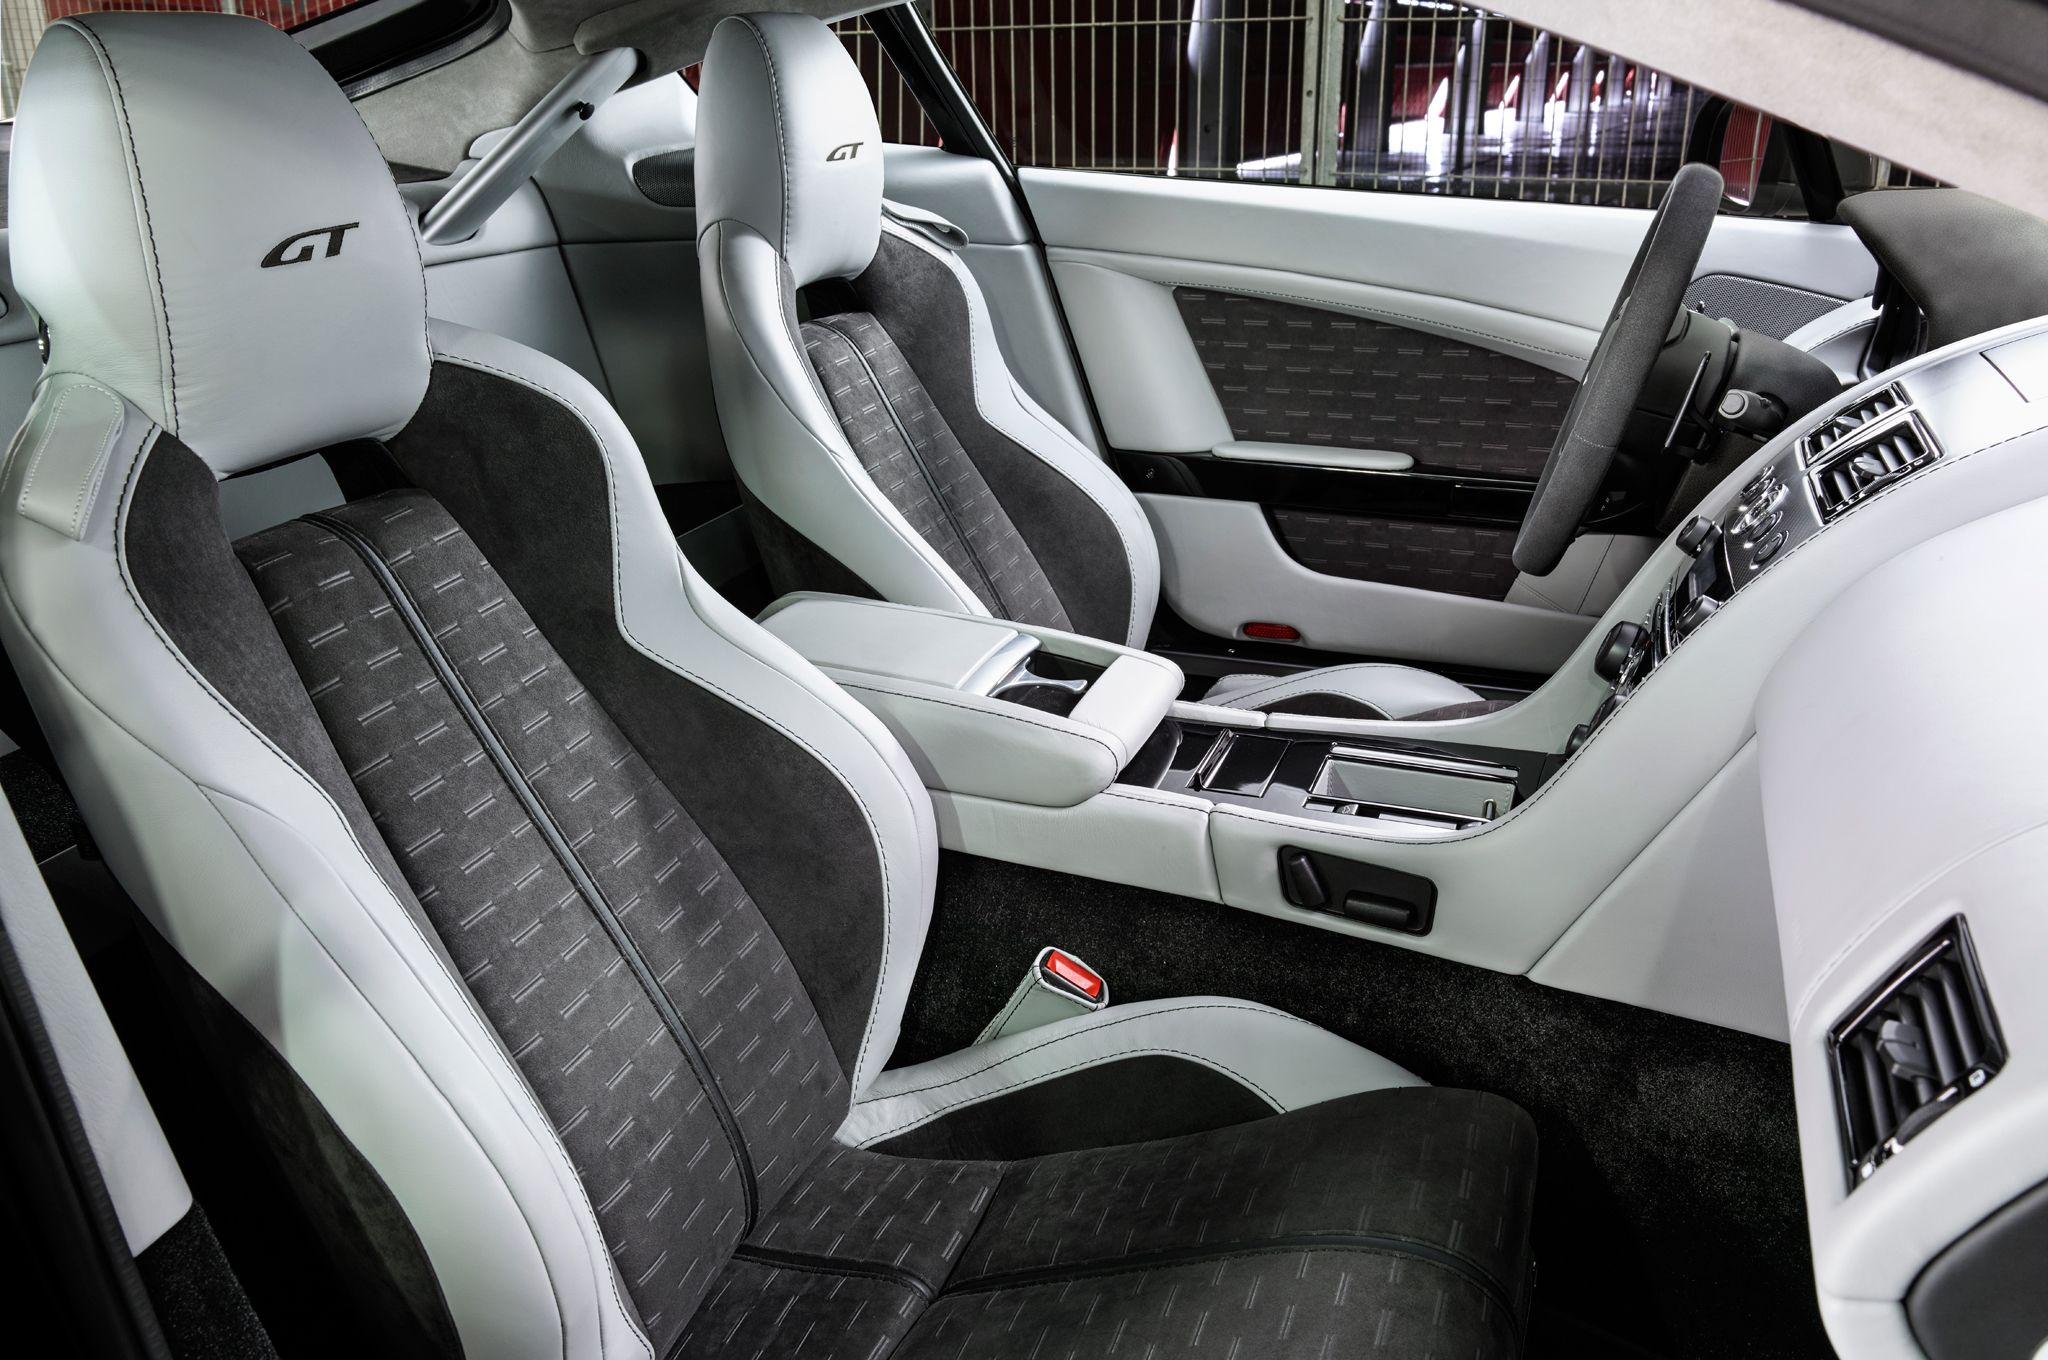 Aston Martin Shows Db9 Carbon Edition V8 Vantage Gt Motor Trend Wot Aston Martin Vantage Aston Martin Aston Martin V8